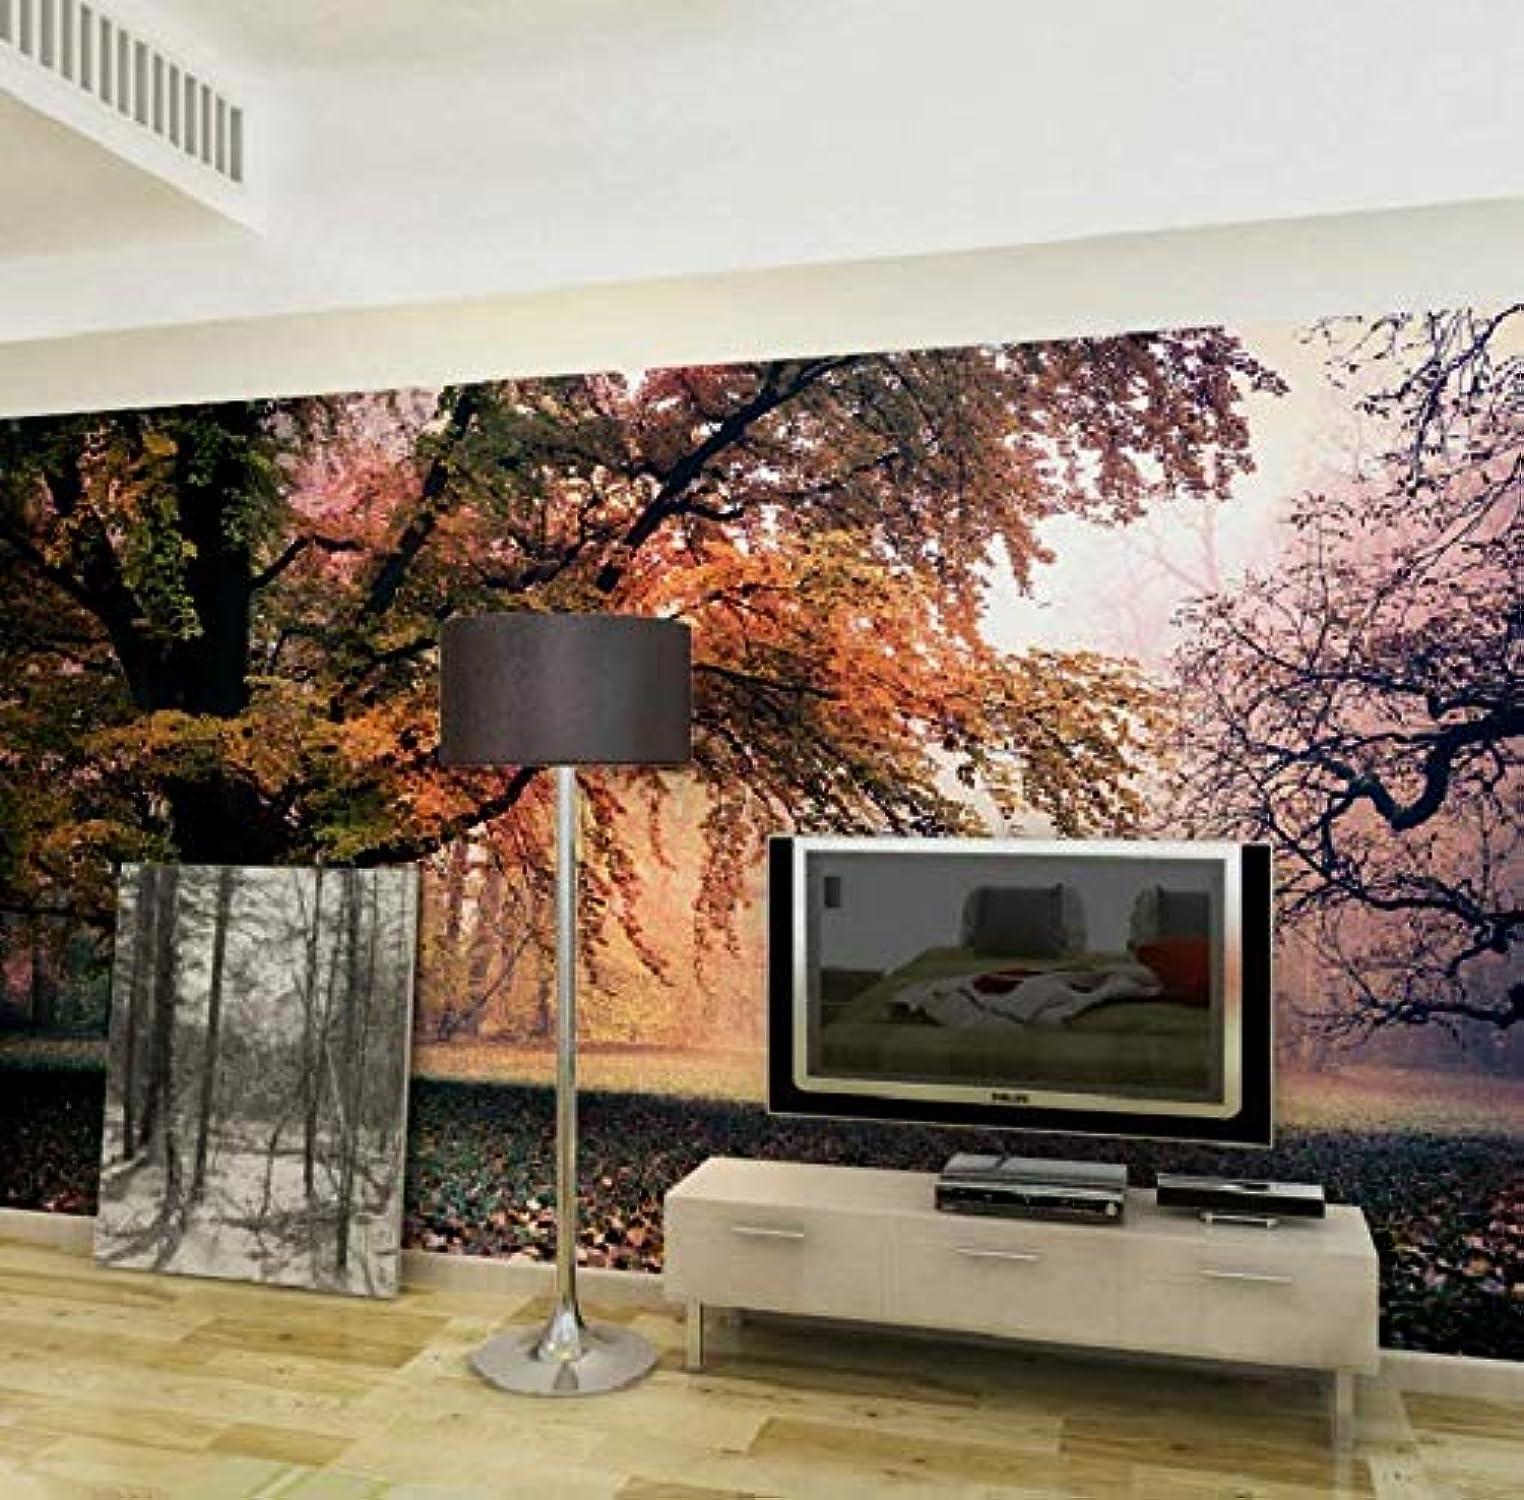 a la venta Hbbhbb 3D Naturaleza árbol Foto Foto Foto Wallpaper Mural Salón Dormitorio Decoración Del Hogar Wallpaper-140(H)200(W) Cm  60% de descuento